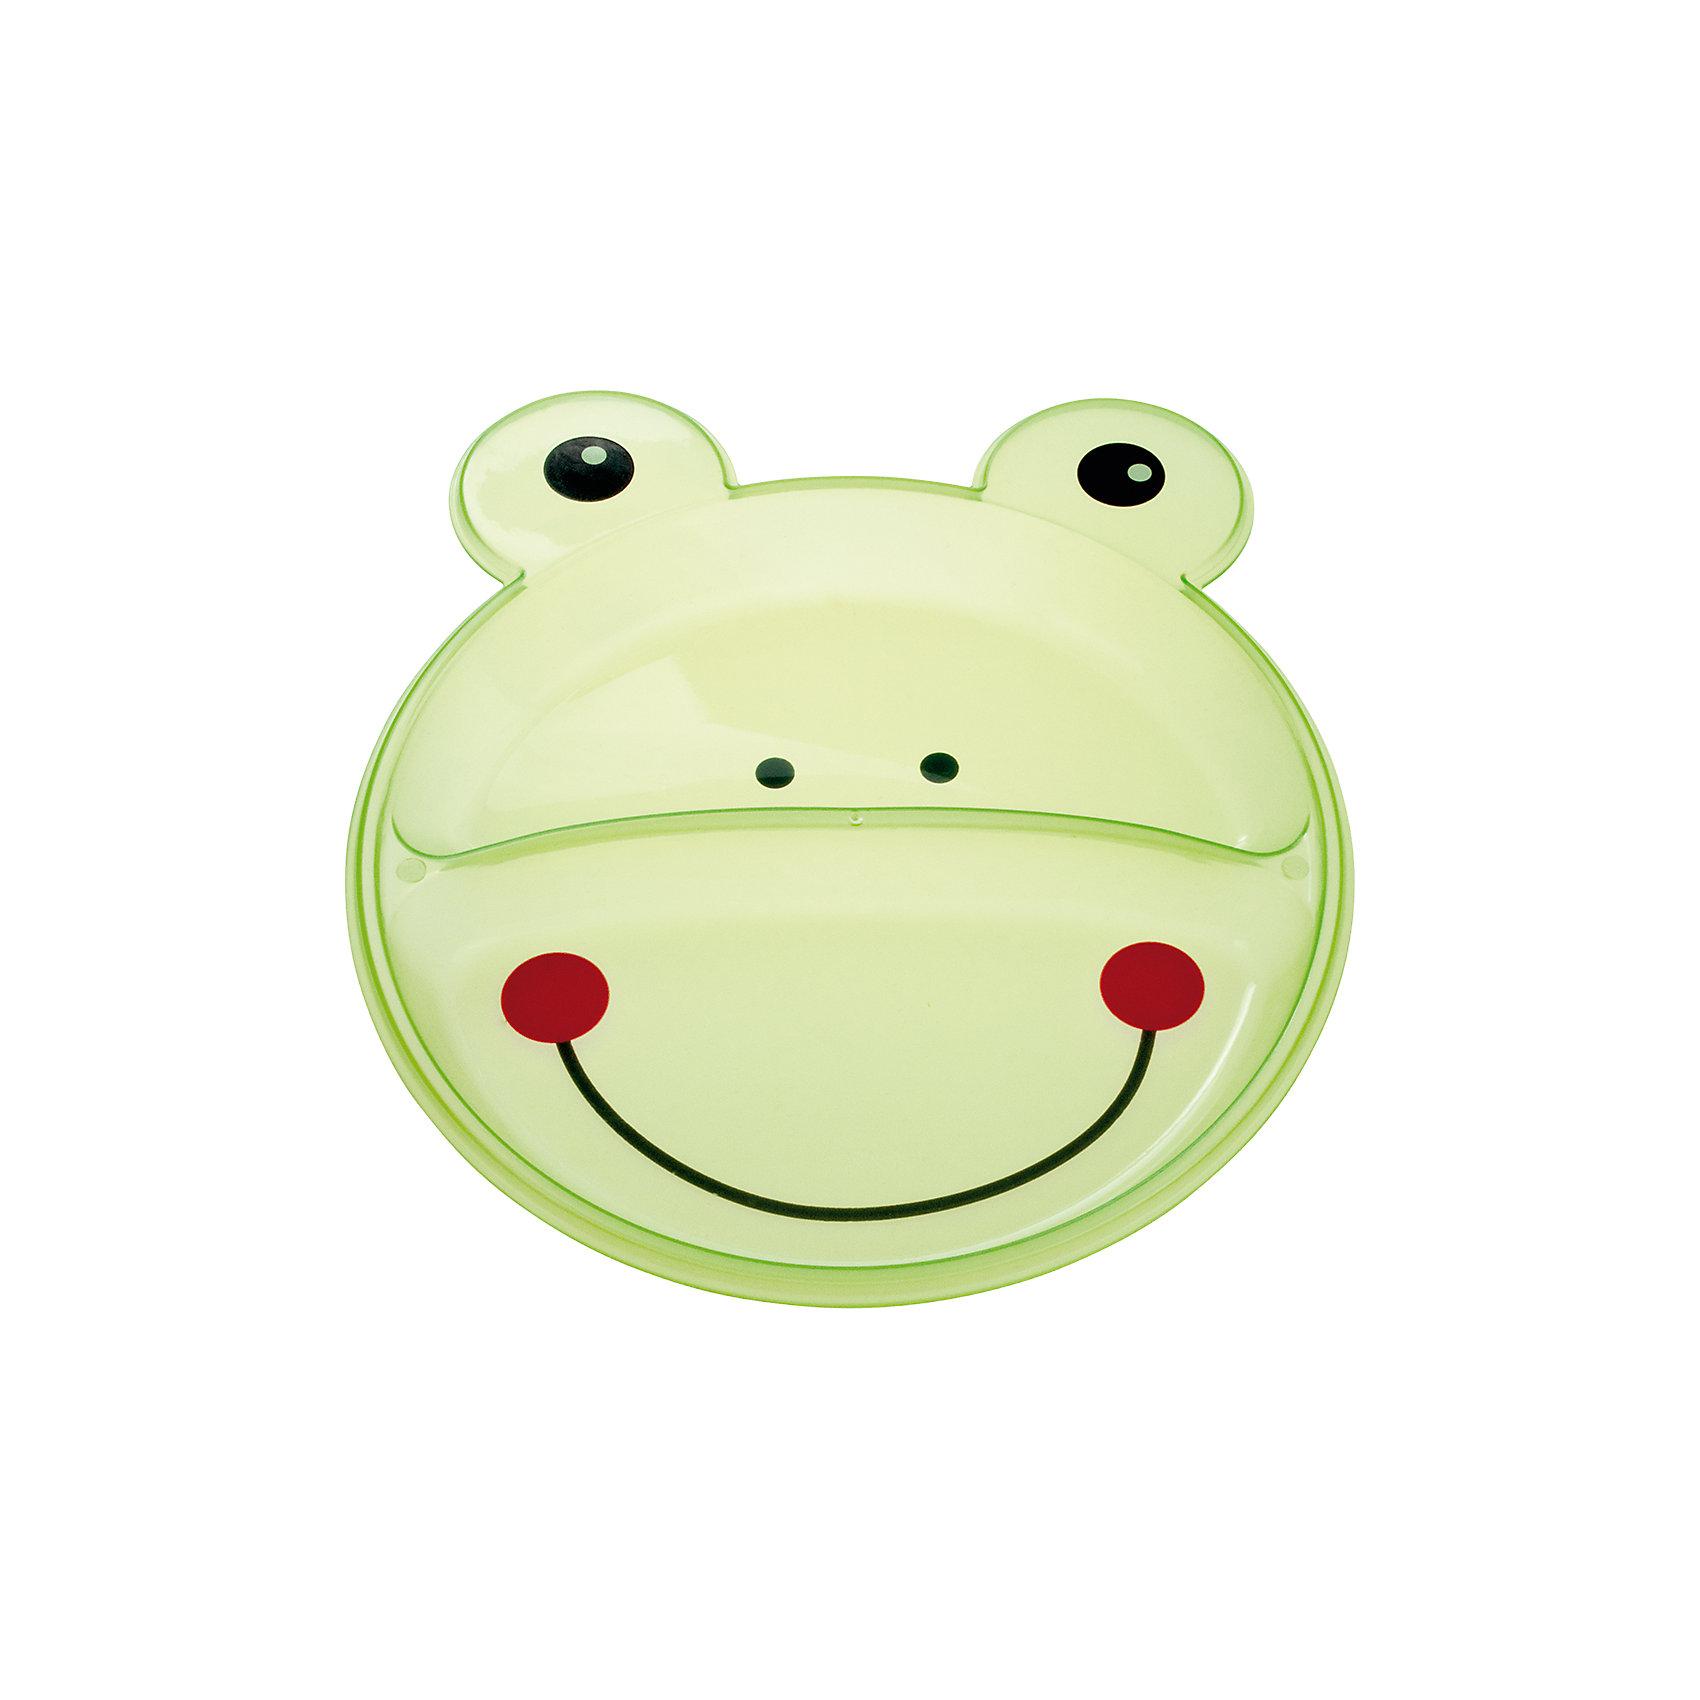 Тарелка с разделением Animals Лягушонок, 9+, Canpol Babies, зеленыйТарелки<br>Тарелка с разделением Animals Лягушонок, 9+, Canpol Babies (Канпол беби), зеленый.<br><br>Характеристики:<br>• есть 2 отсека для еды<br>• не содержит бисфенол-А<br>• можно использовать в микроволновой печи и посудомоечной машине<br>• интересный дизайн<br>• размер упаковки: 2х17,7х21,5 см<br>• вес: 100 грамм<br>• объем: 400 мл<br>• цвет: зеленый<br>• материал: пластик <br><br>Тарелка Лягушонок изготовлена из качественного пластика и не содержит бисфенол-А. Тарелка имеет 2 отсека для еды. Вы сможете подать отдельно мясо и гарнир или кашу и фрукты. Посуда выполнена в виде улыбающегося лягушонка, который с удовольствием покажет крохе свою мордашку после обеда. Такая веселая тарелочка превратит прием пищи в веселую игру!<br><br>Тарелку с разделением Animals Лягушонок, 9+, Canpol Babies (Канпол беби), зеленый вы можете купить в нашем интернет-магазине.<br><br>Ширина мм: 20<br>Глубина мм: 215<br>Высота мм: 177<br>Вес г: 390<br>Возраст от месяцев: 9<br>Возраст до месяцев: 36<br>Пол: Унисекс<br>Возраст: Детский<br>SKU: 5156697